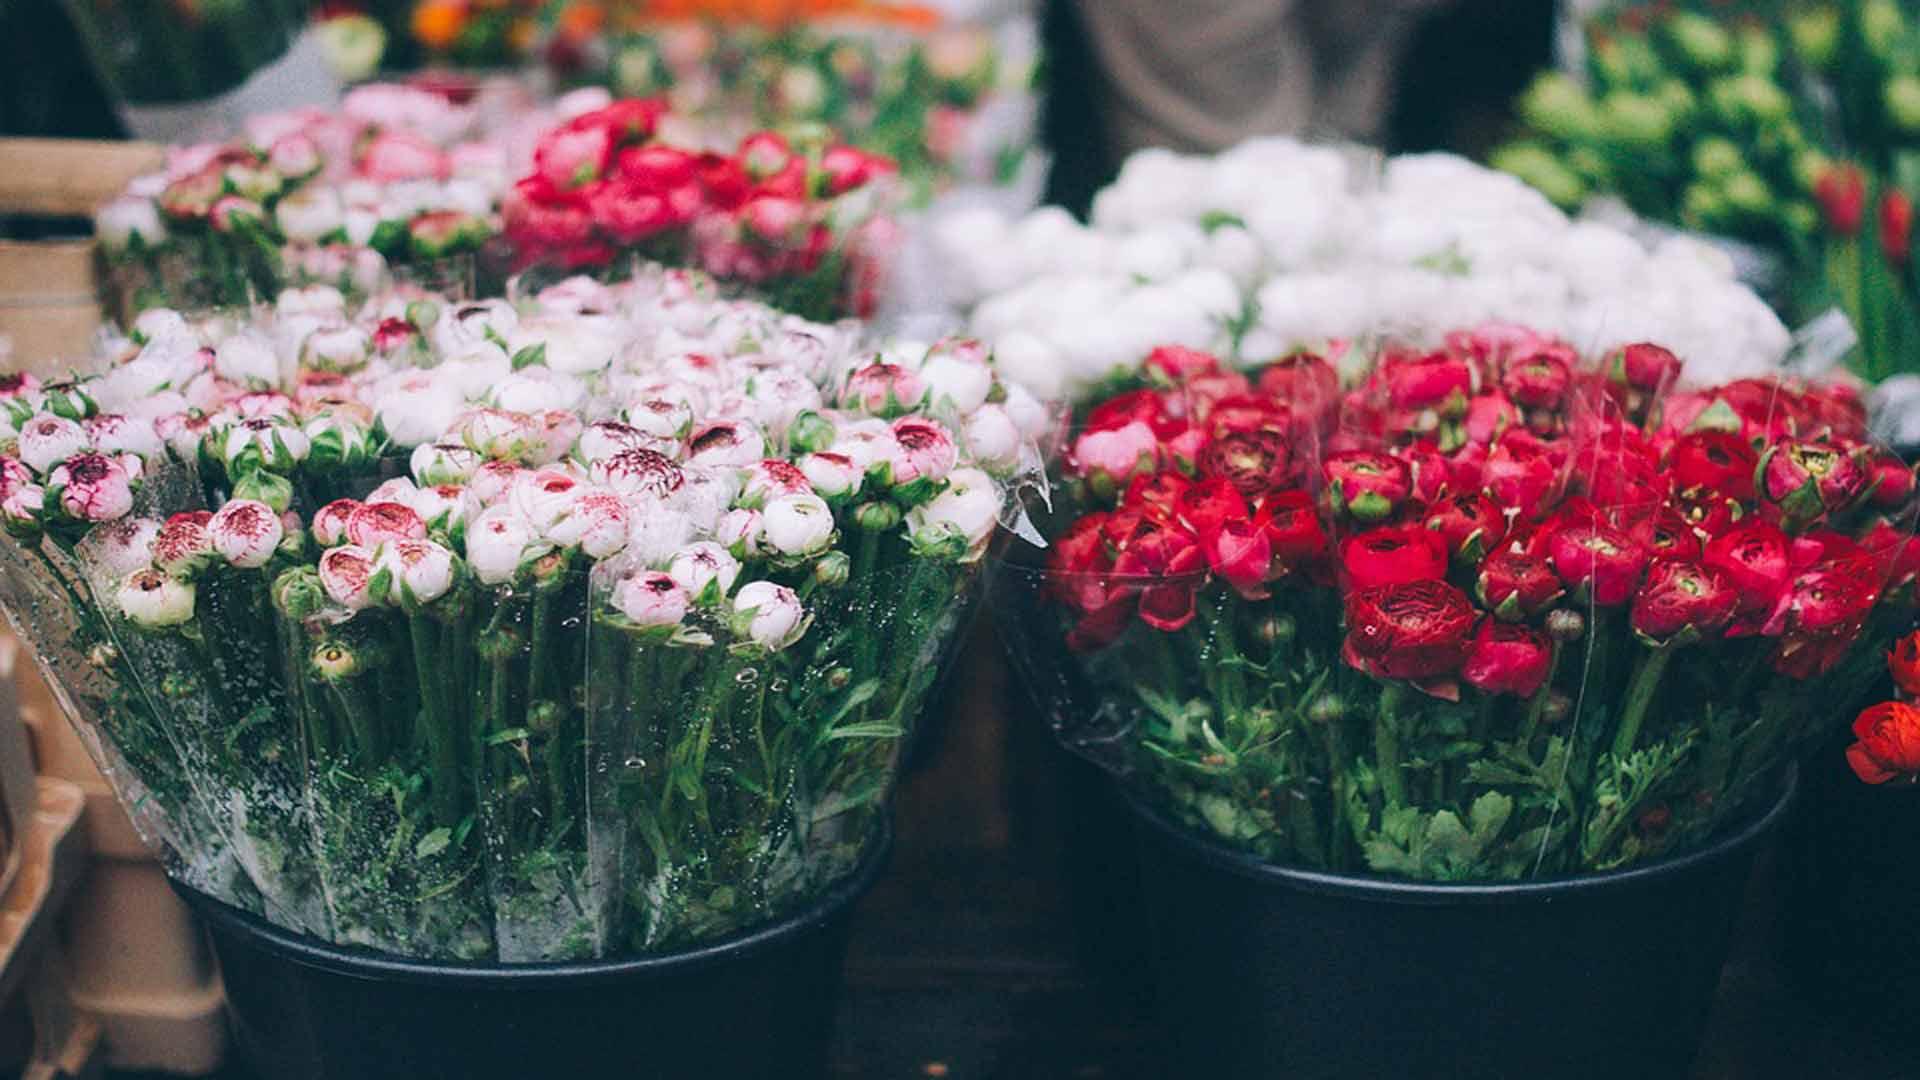 regresa-el-mercado-de-las-flores-de-molina-de-segura-1920